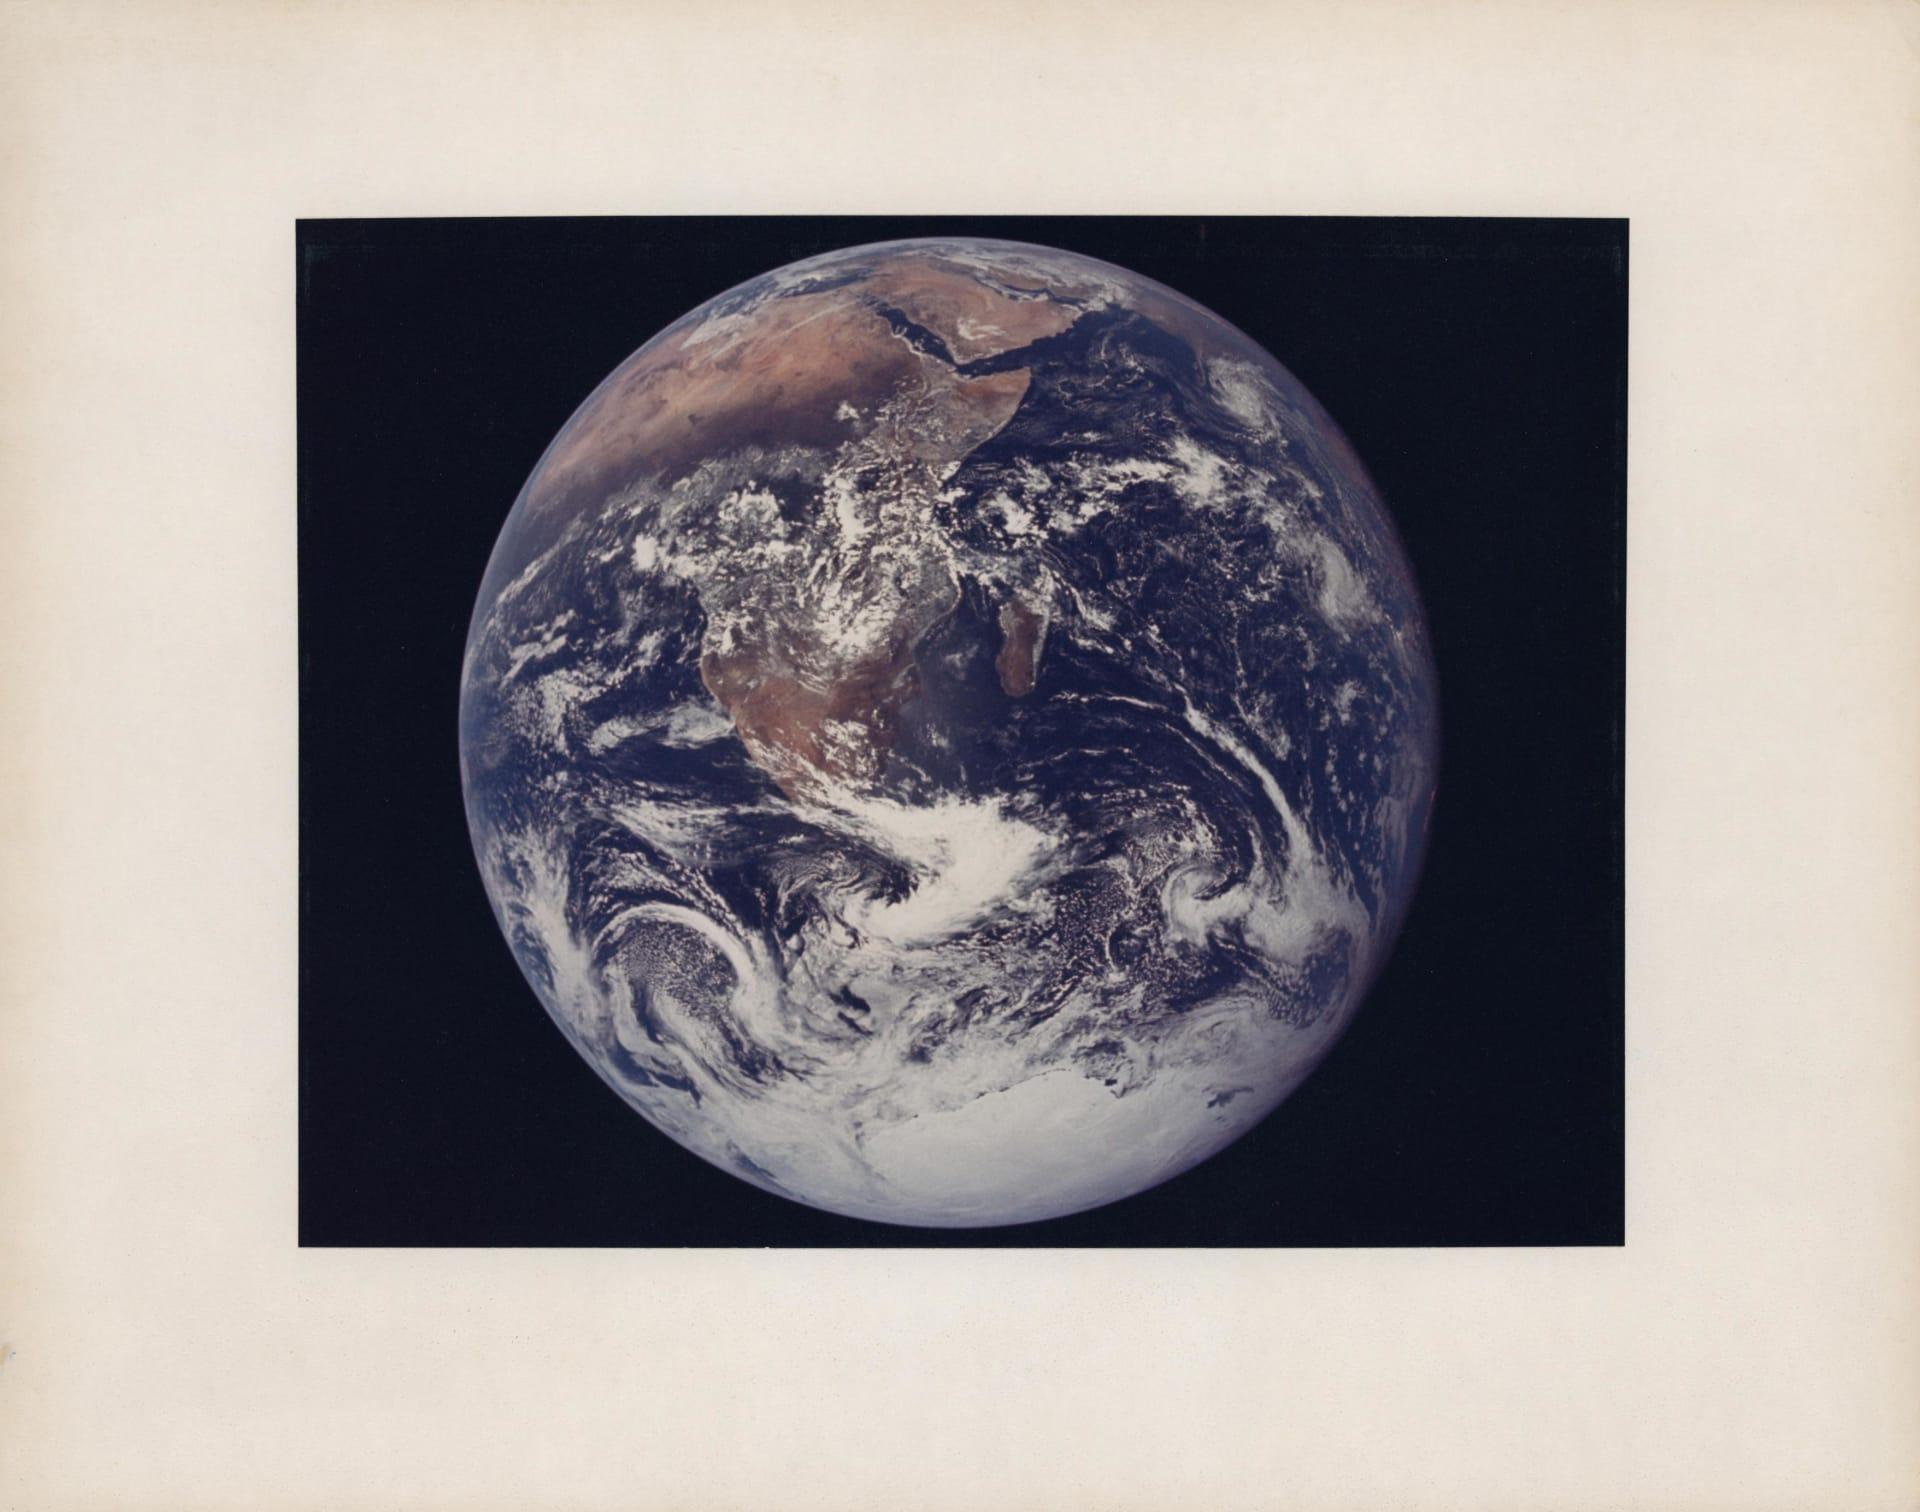 """منها أول صورة """"سيلفي"""" في الفضاء.. طرح صور نادرة  من مهمات فضاء تاريخية للبيع في المزاد"""